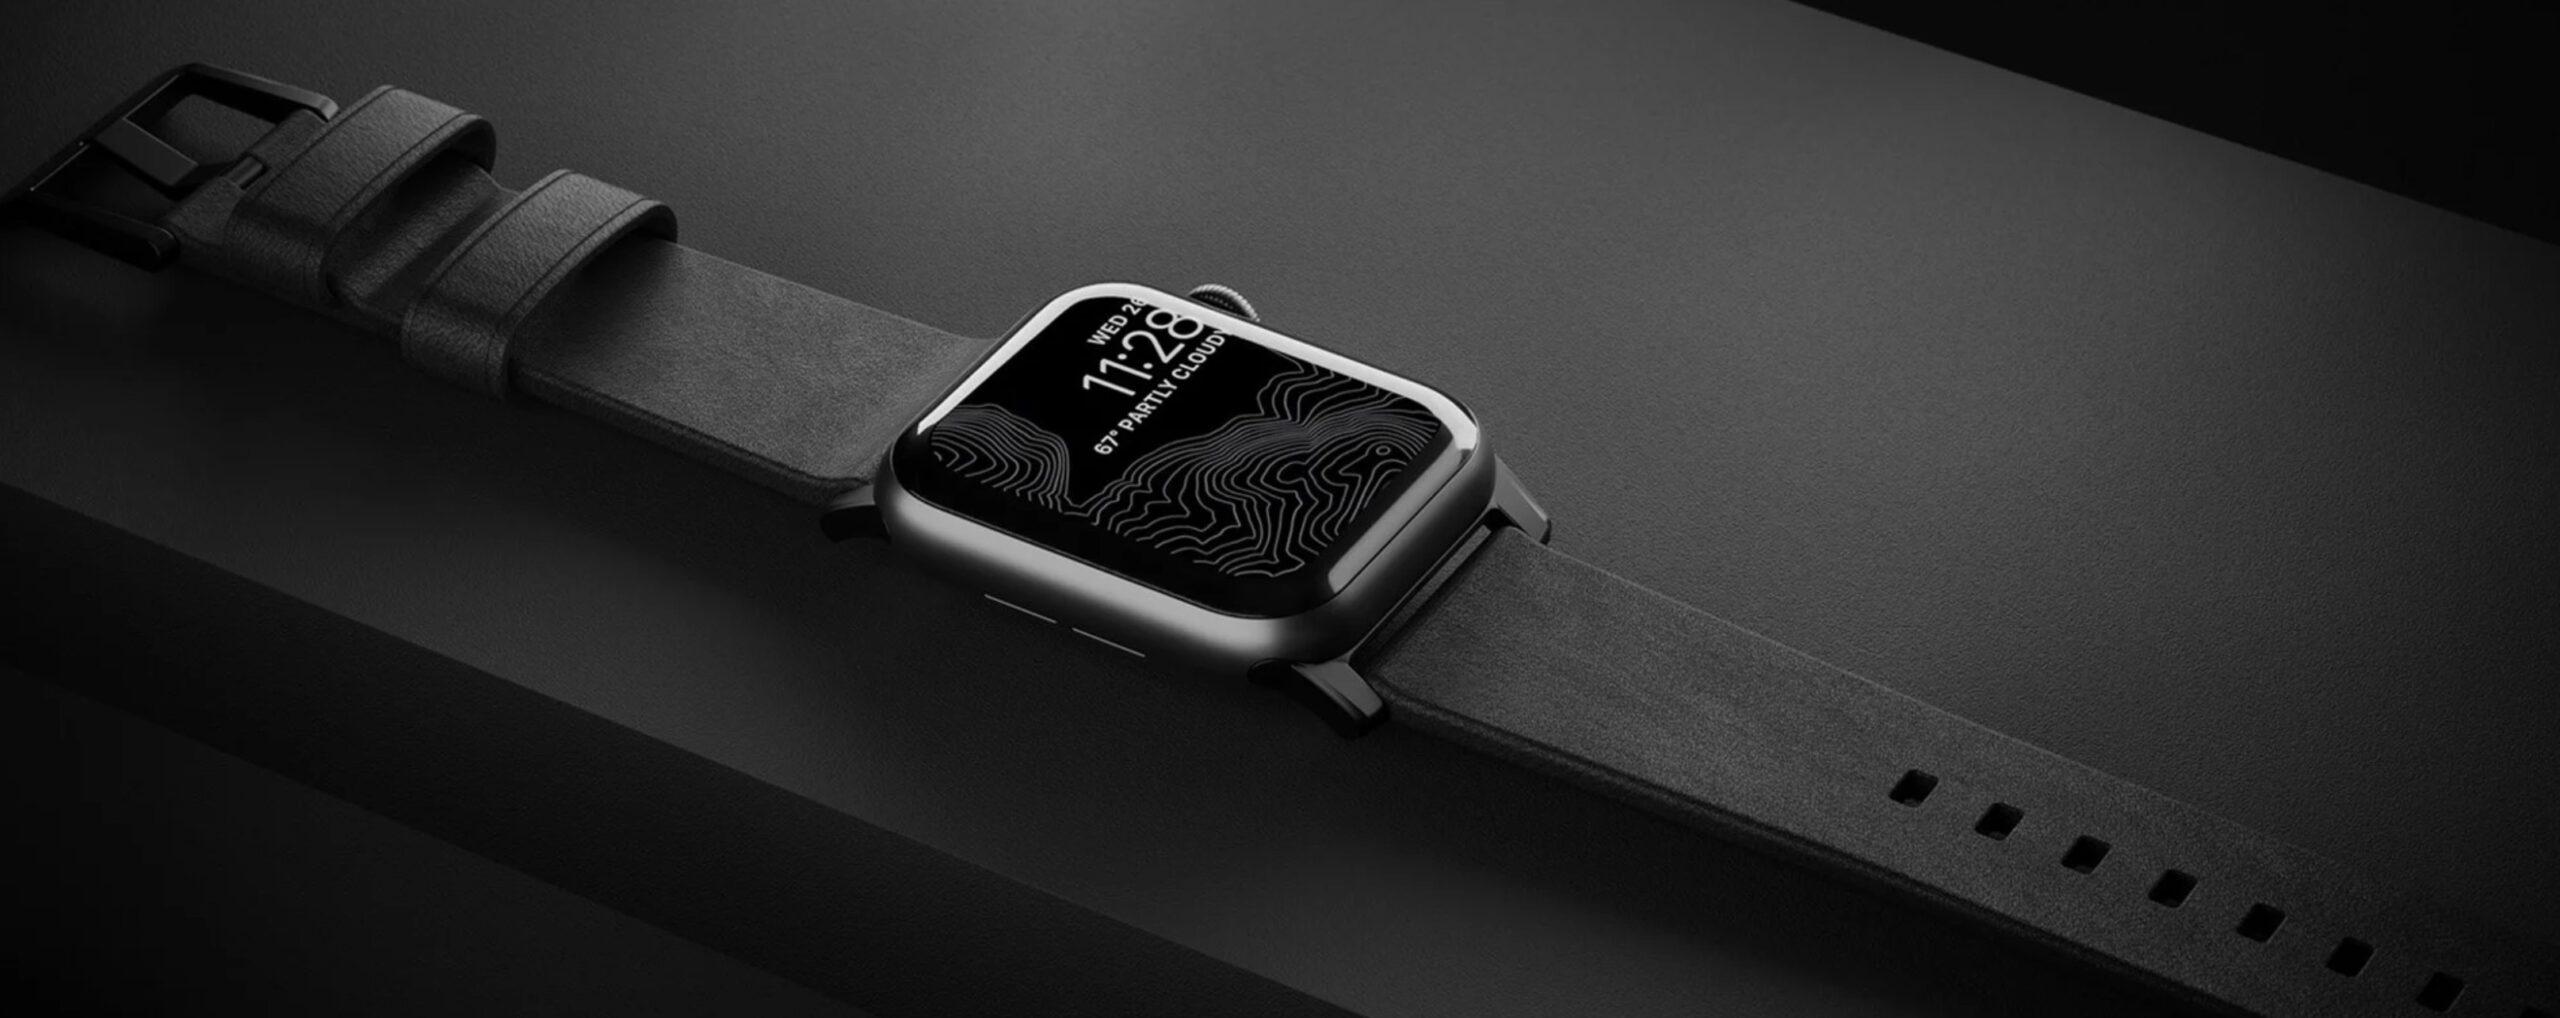 Apple Watchがデジタルだからこそ、レザーバンドでアナログ感も楽しむ。